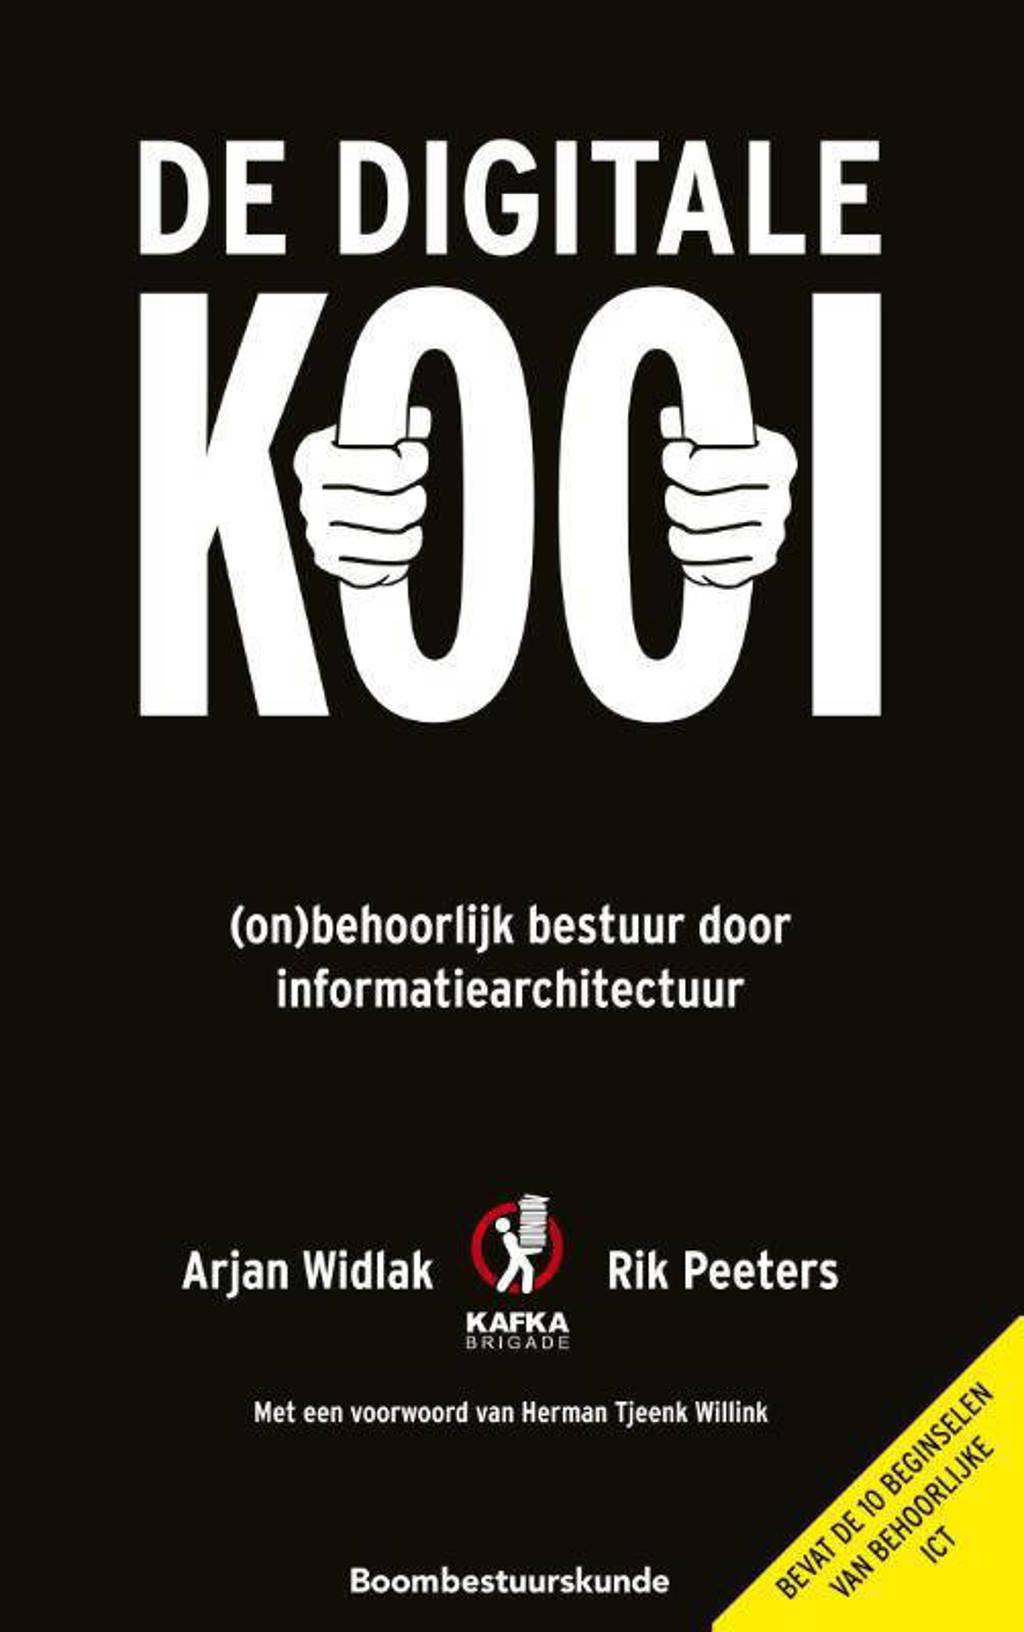 De digitale kooi - Arjan Widlak en Rik Peeters